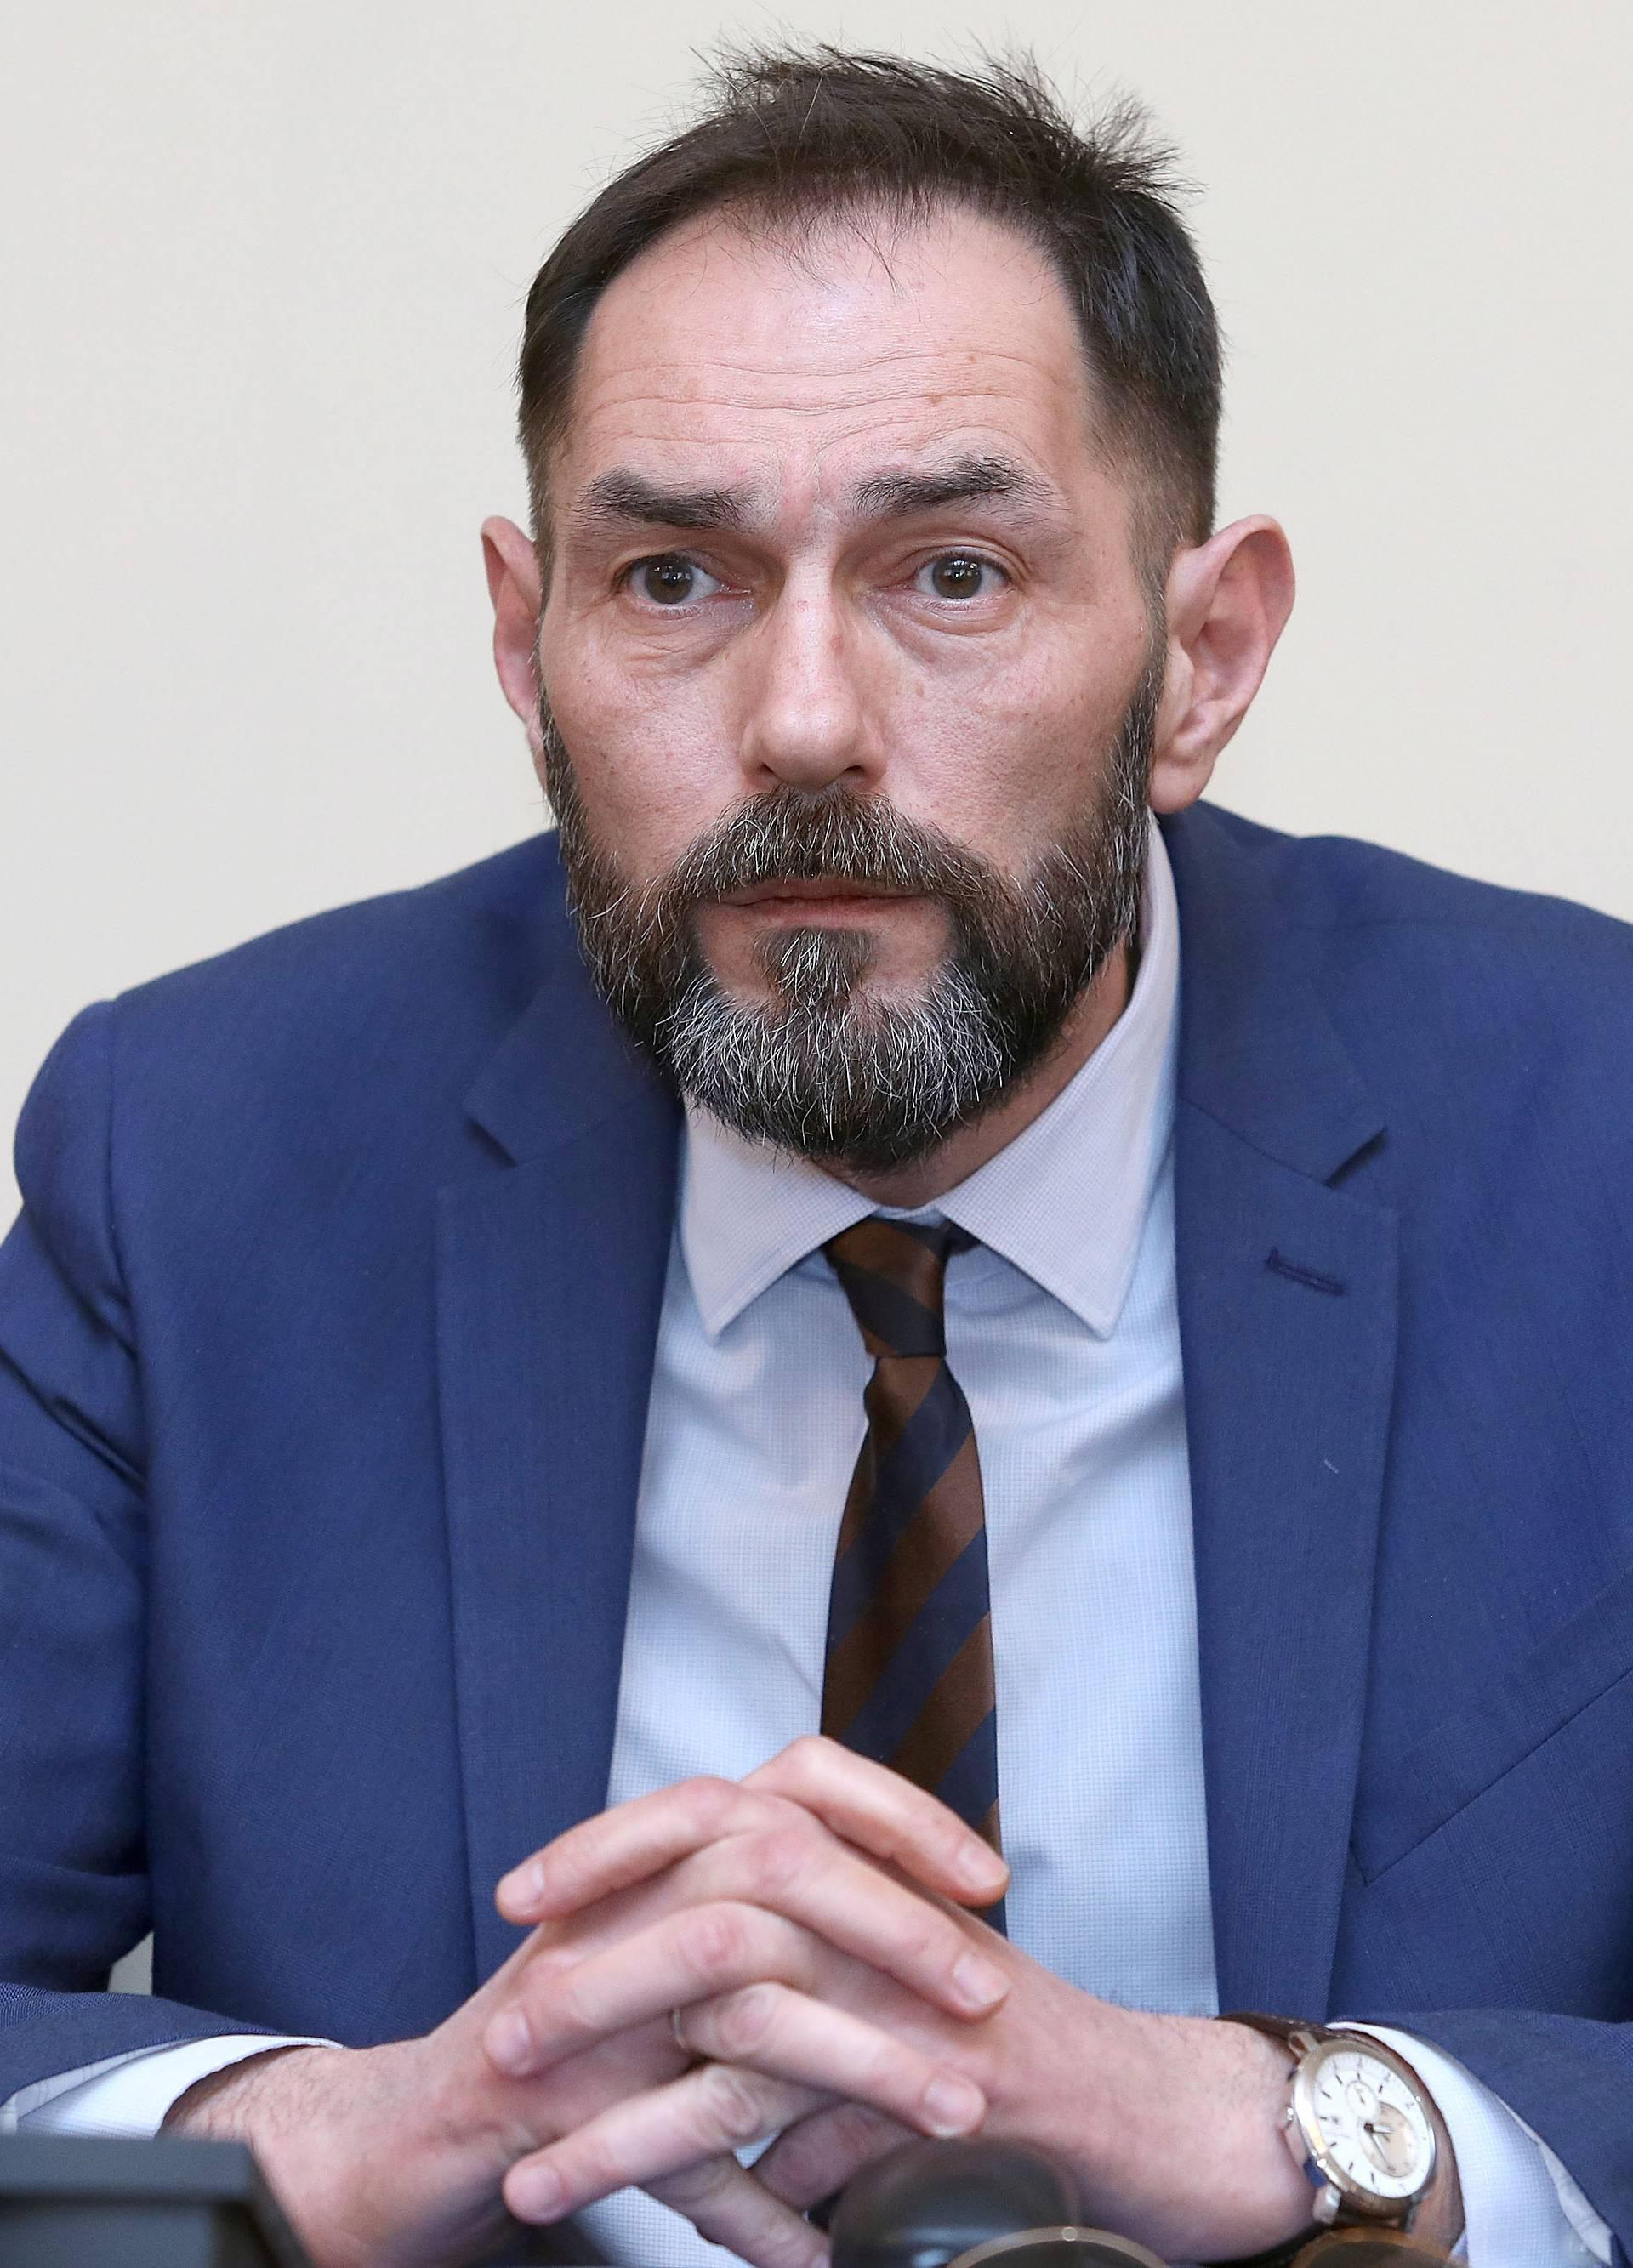 Jelenić tvrdi: Uskoro završetak istrage u slučaju Agrokor